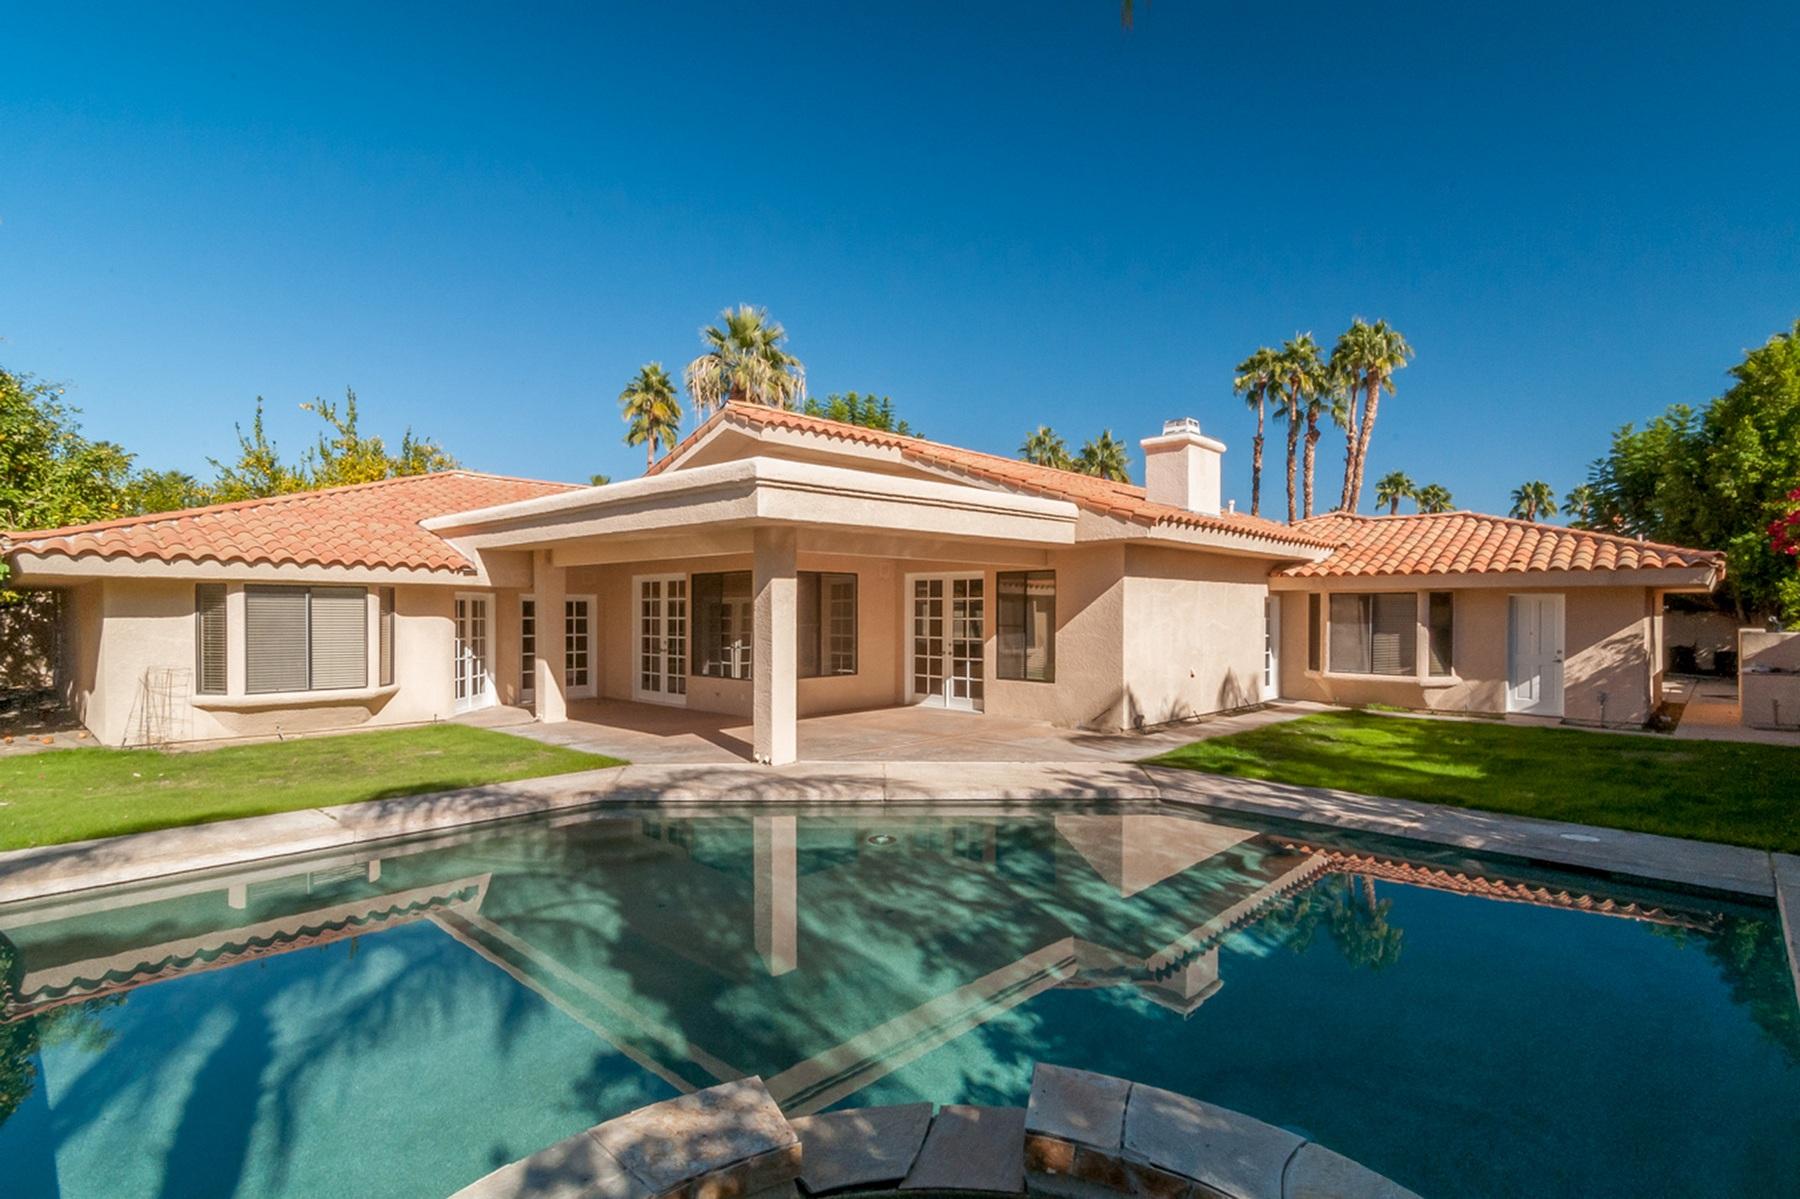 Maison unifamiliale pour l Vente à 45385 Santa Fe Cove Indian Wells, Californie 92210 États-Unis